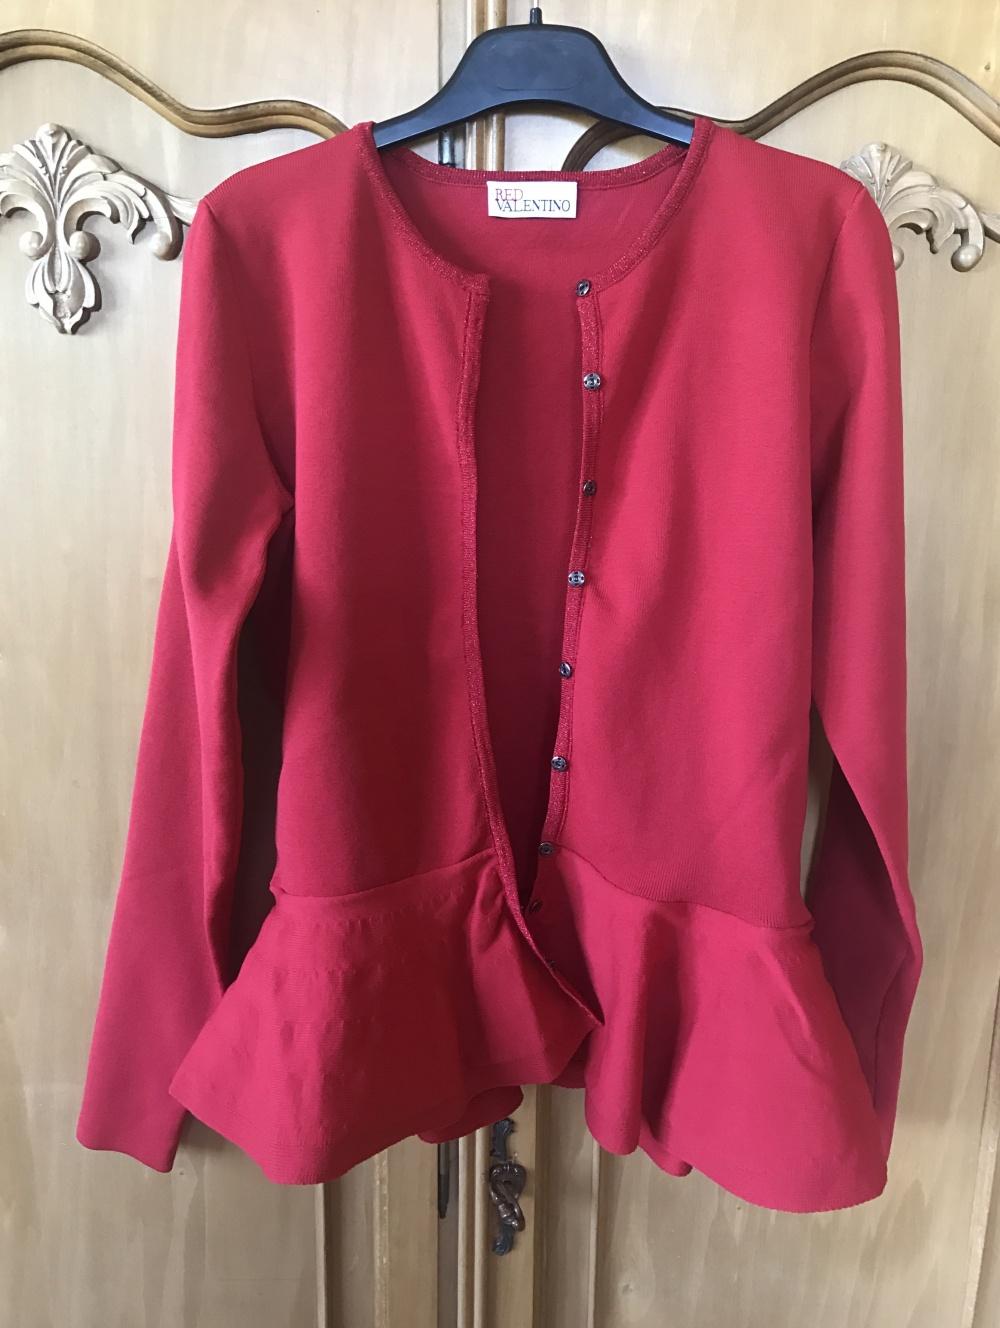 Кардиган Red Valentino размер EU 38